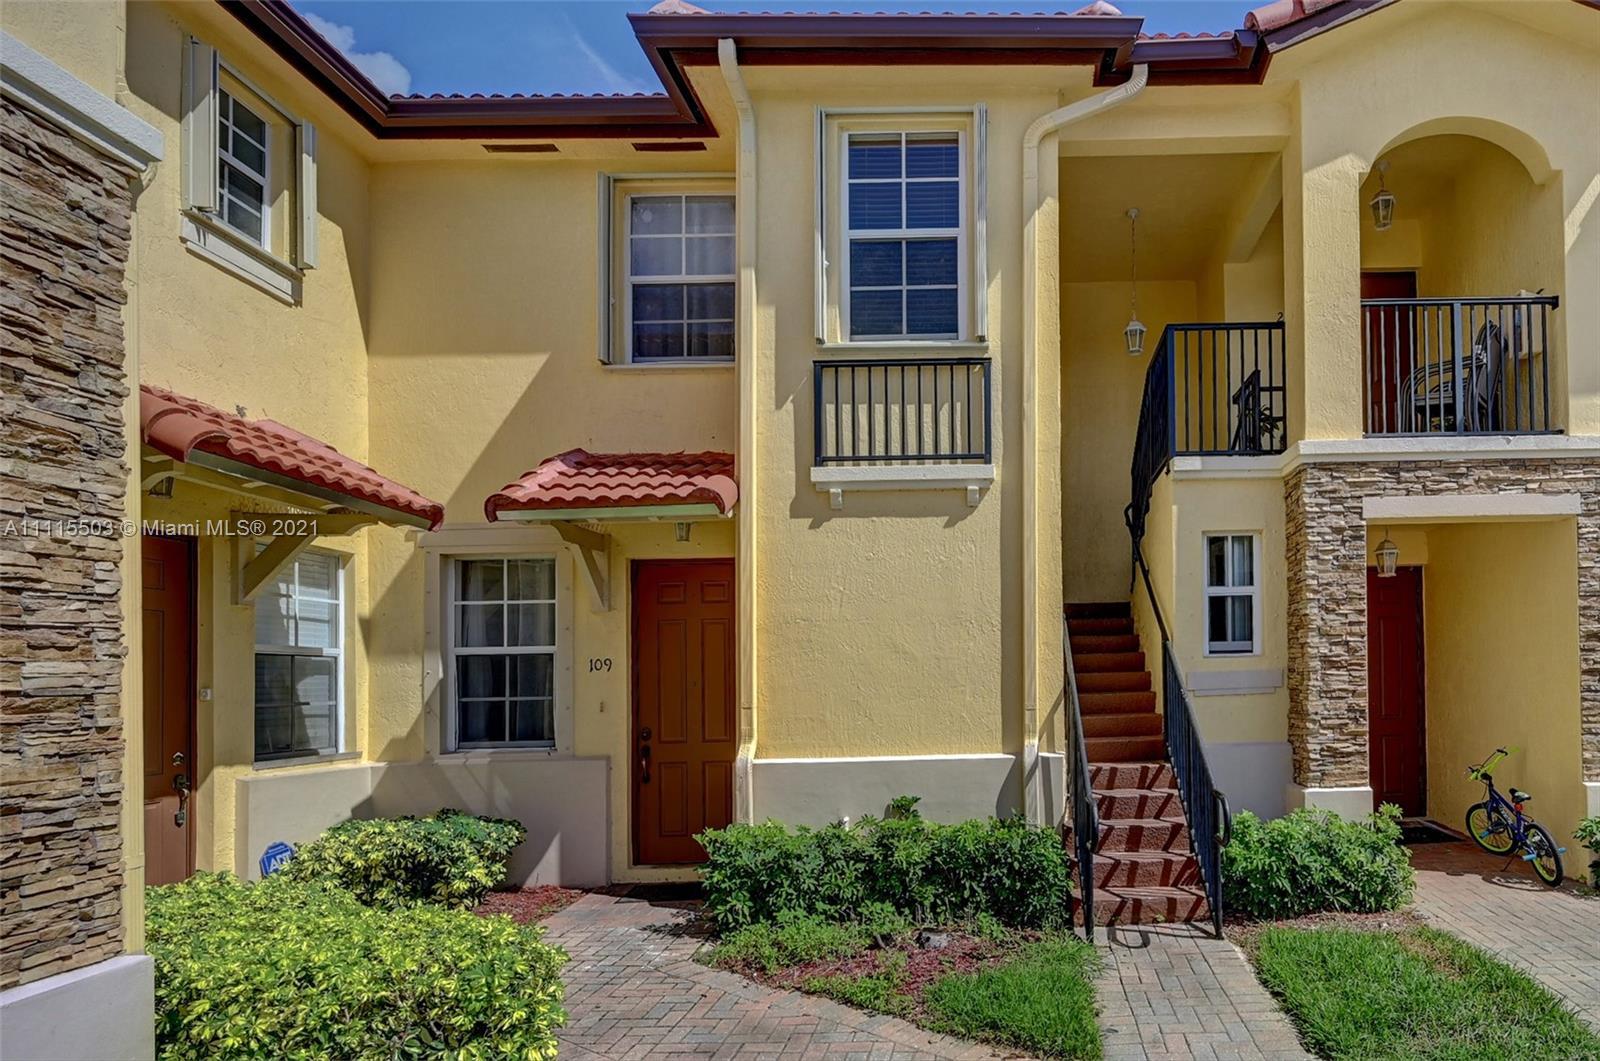 1420 Ne 33rd Ave 109-15 Property Photo 1